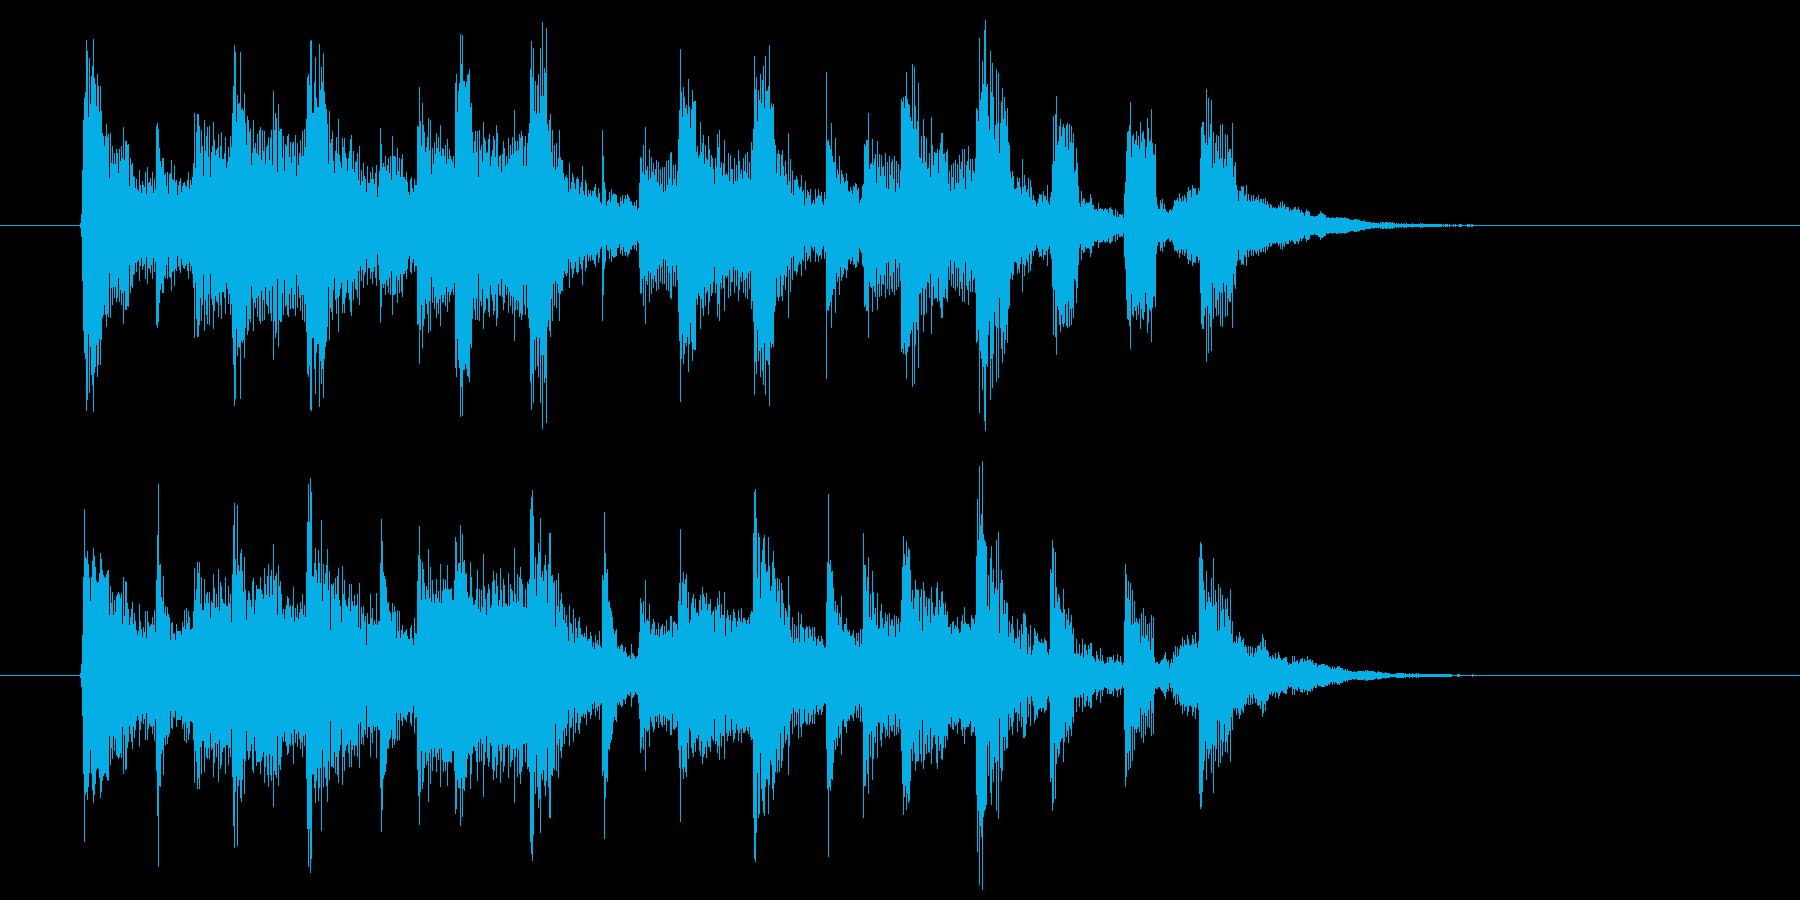 無邪気な締めくくりのエレクトーン演奏の再生済みの波形